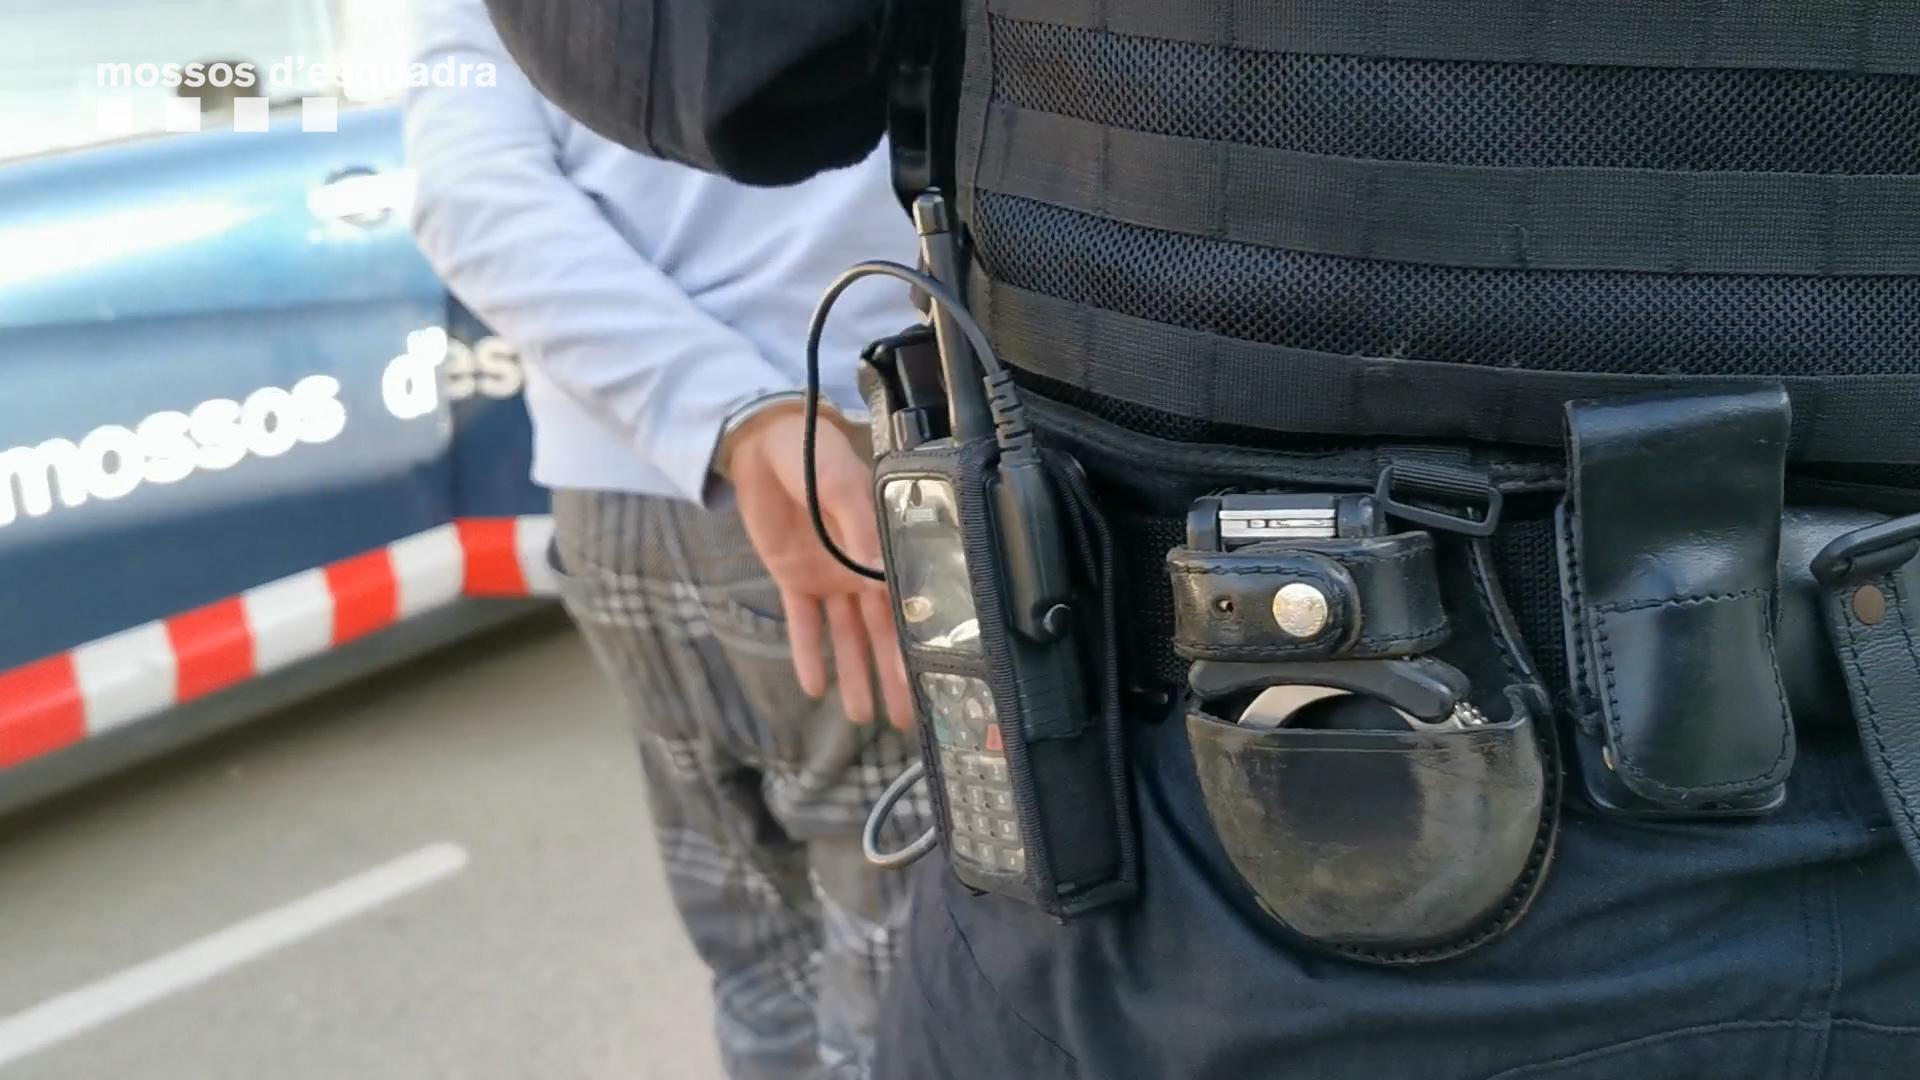 Foto d'arxiu d'un detingut / Mossos